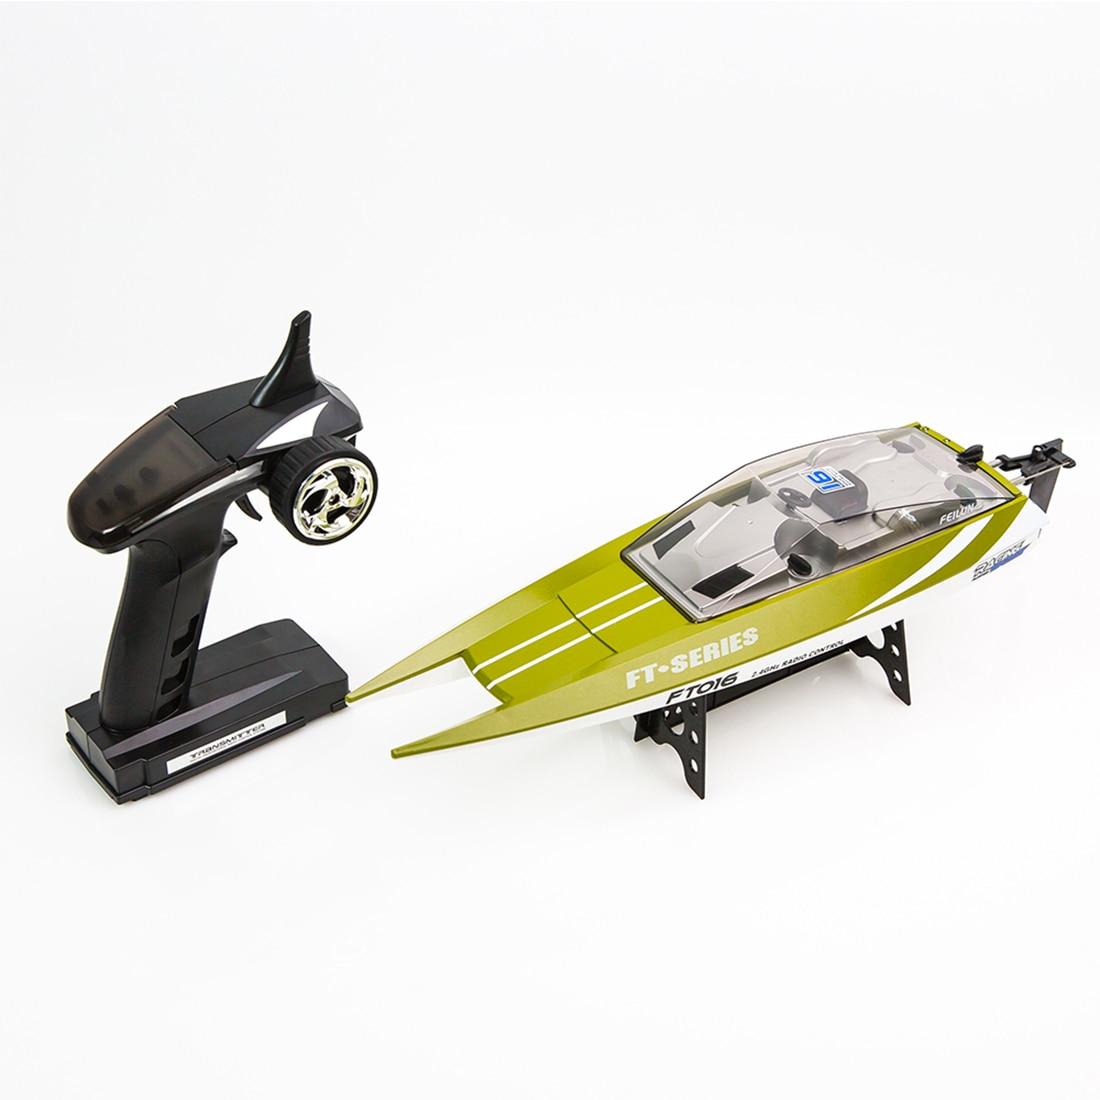 Cadeau d'anniversaire pour enfants jouet de bateau RC Feilun FT016 2.4G télécommande hors-bord pour enfants Kits de jeu en plein air